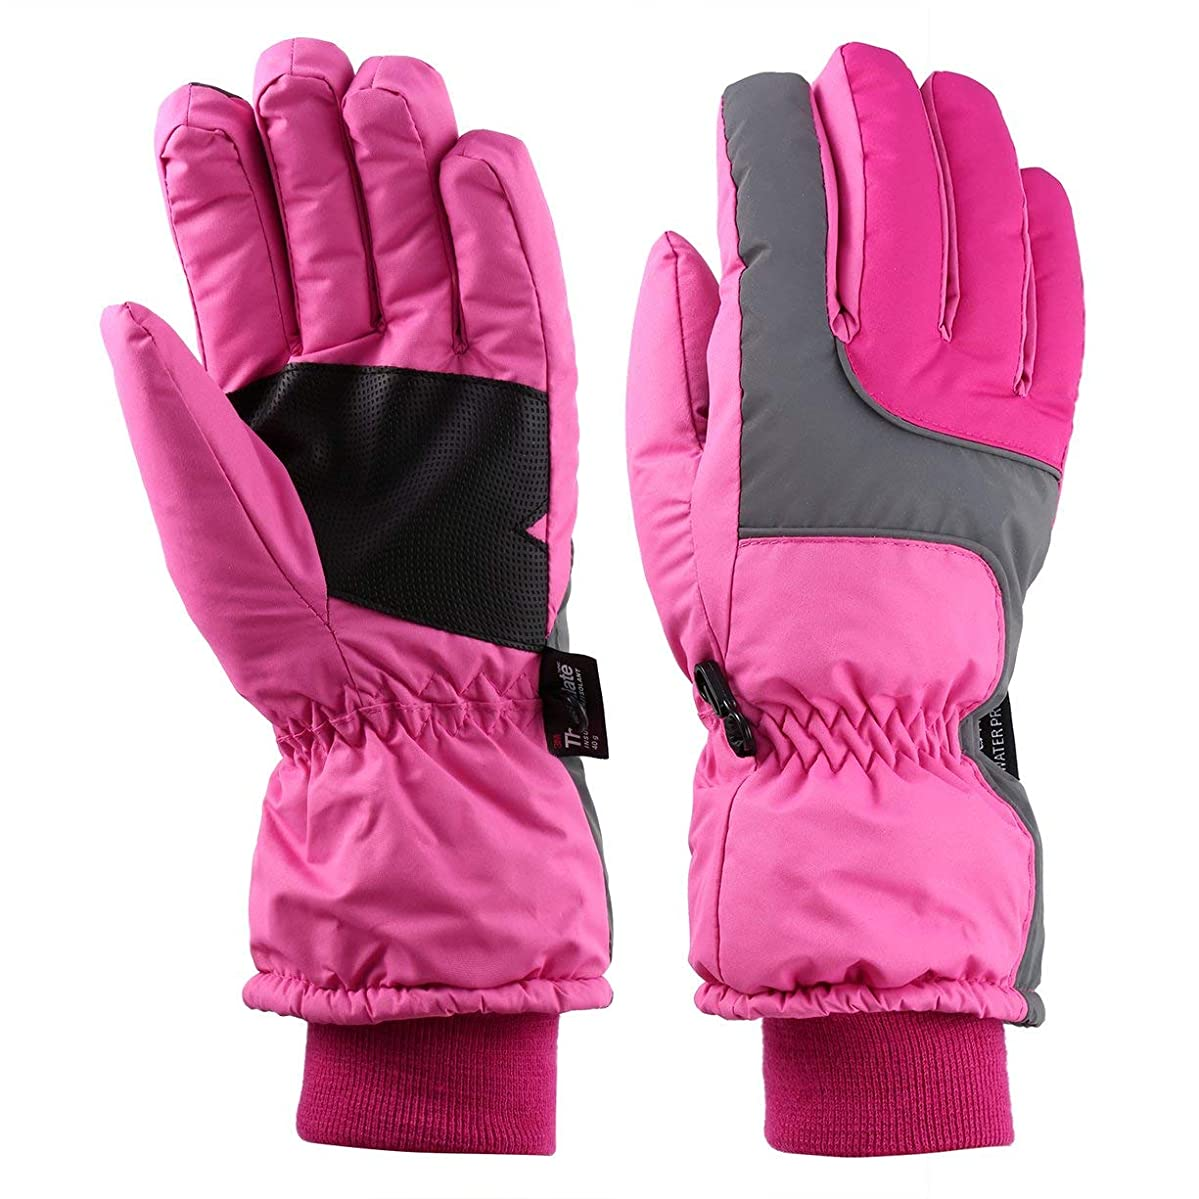 もつれゾーンシェルターOUTAD冬屋外ソフトライナー通気性防風&防水雪スキー手袋女性のための暖かい山登山手袋-ピンクS